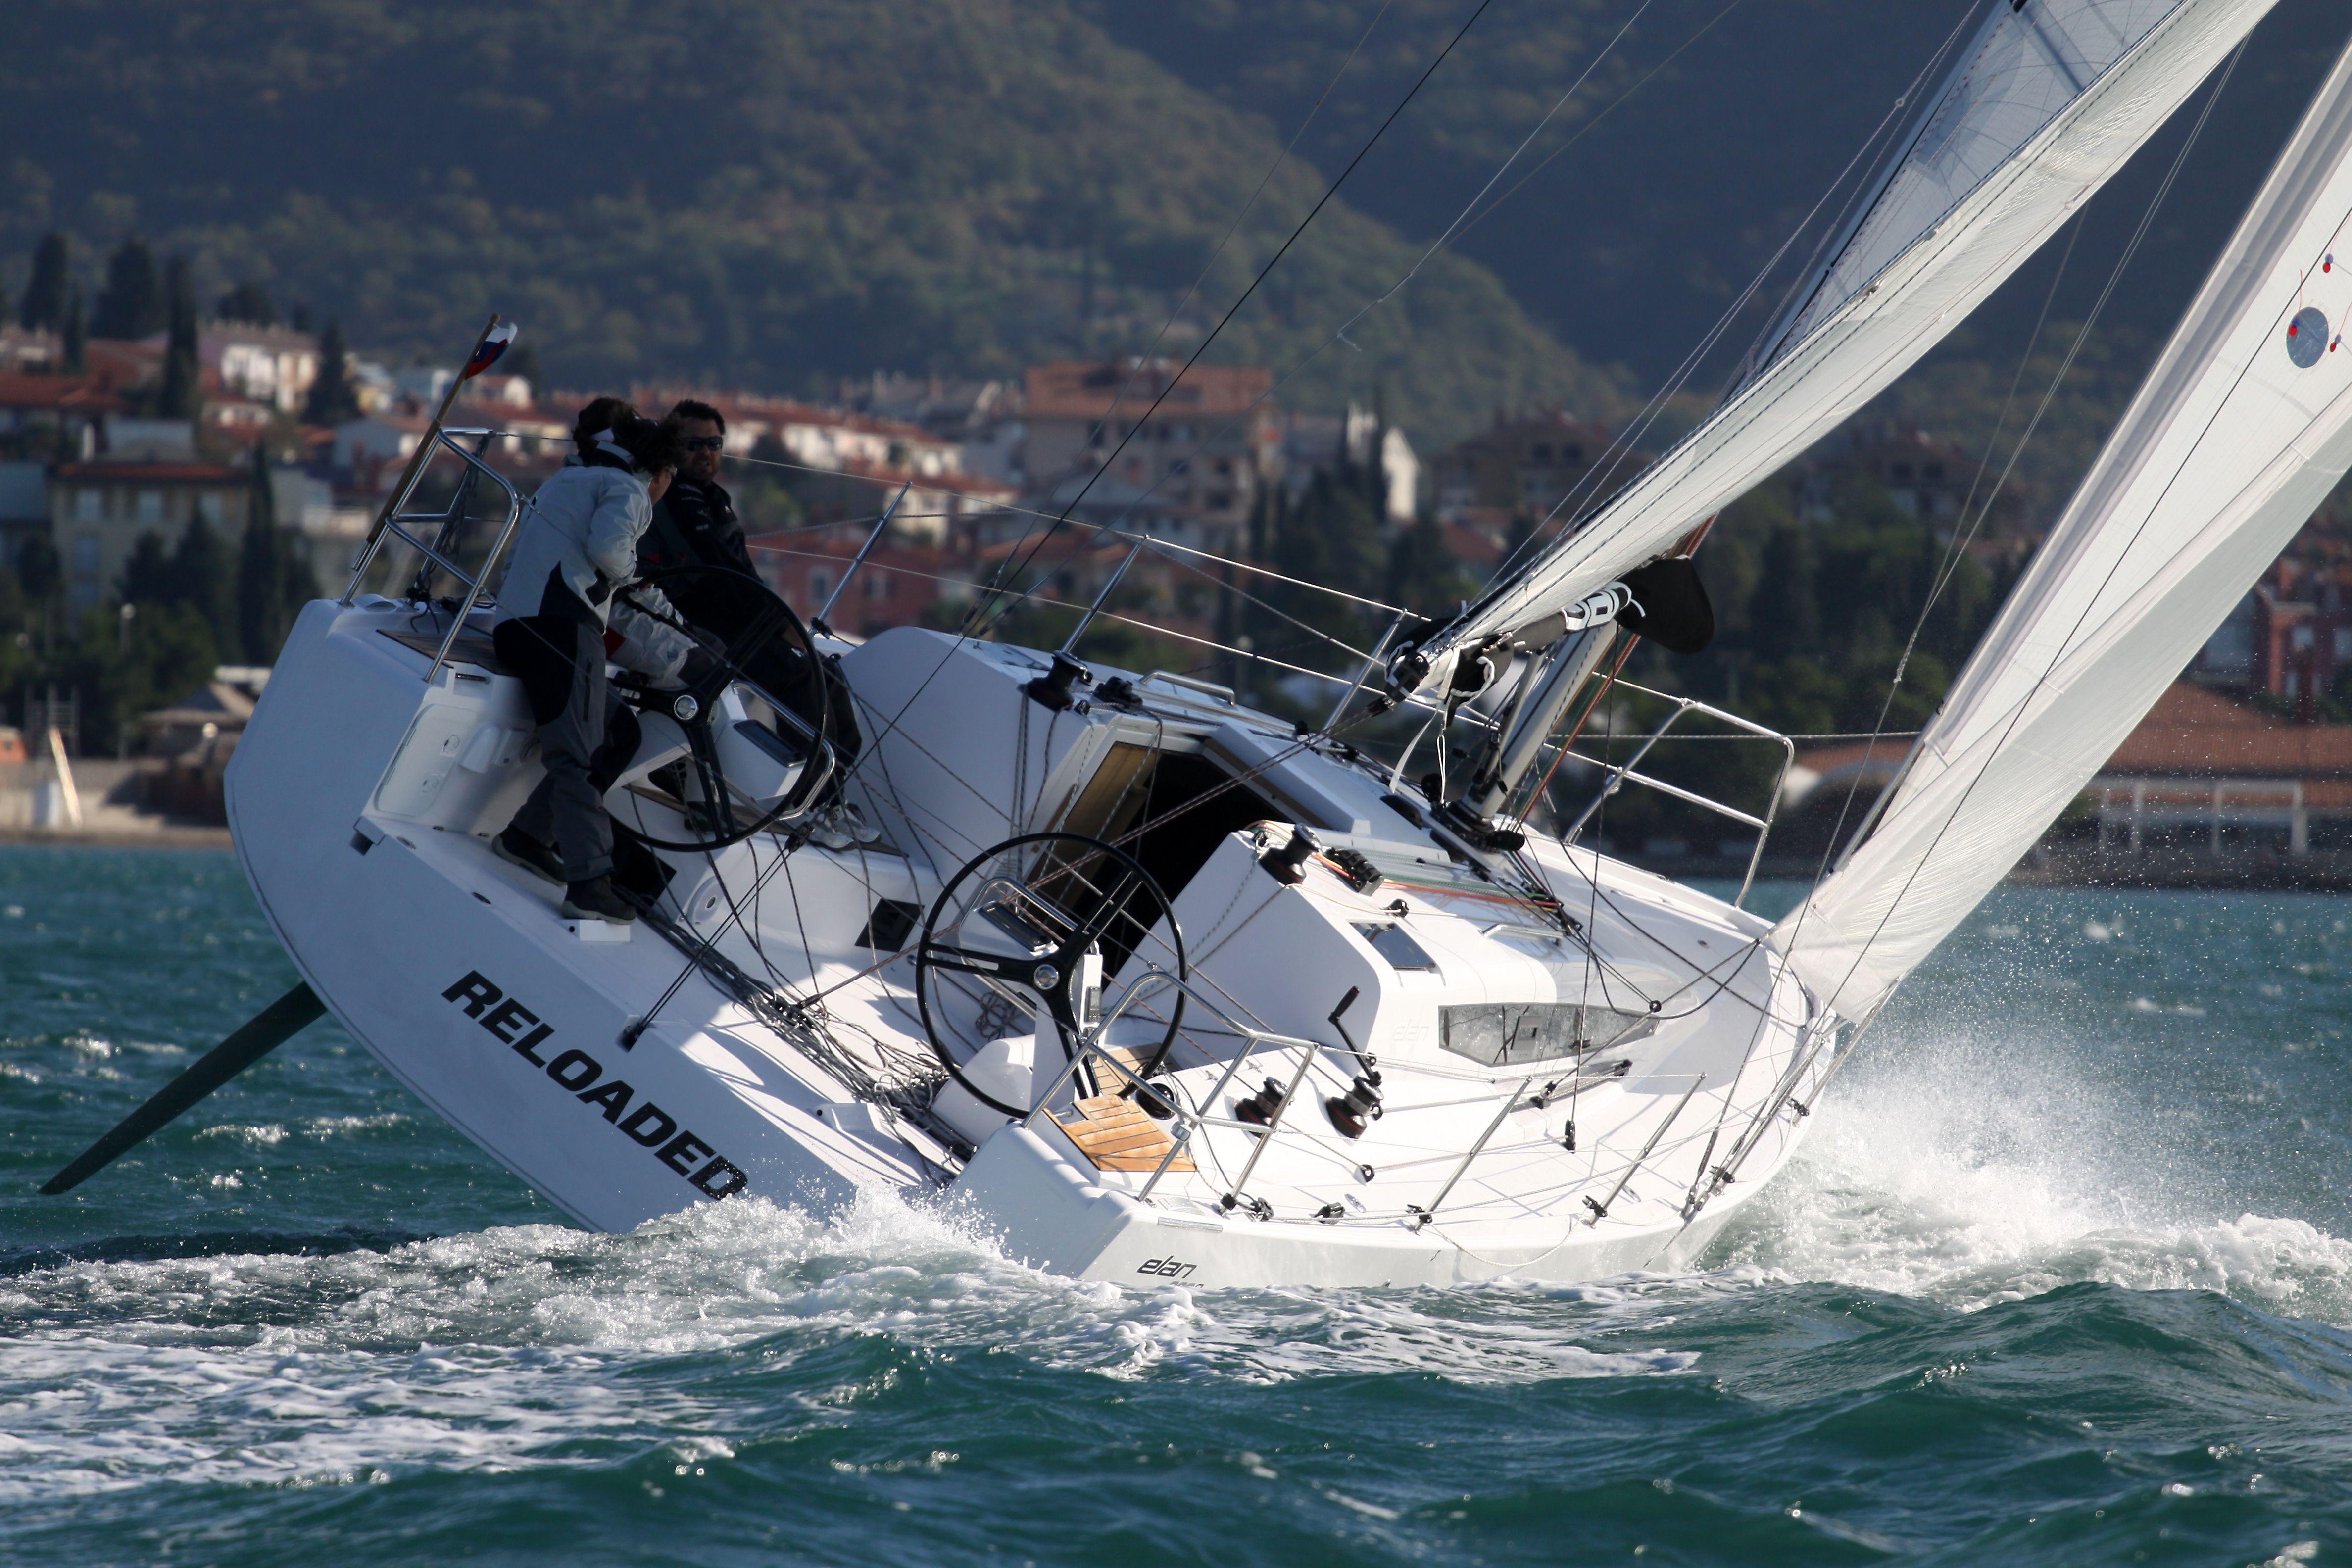 Elan 360 sailing - Google Search